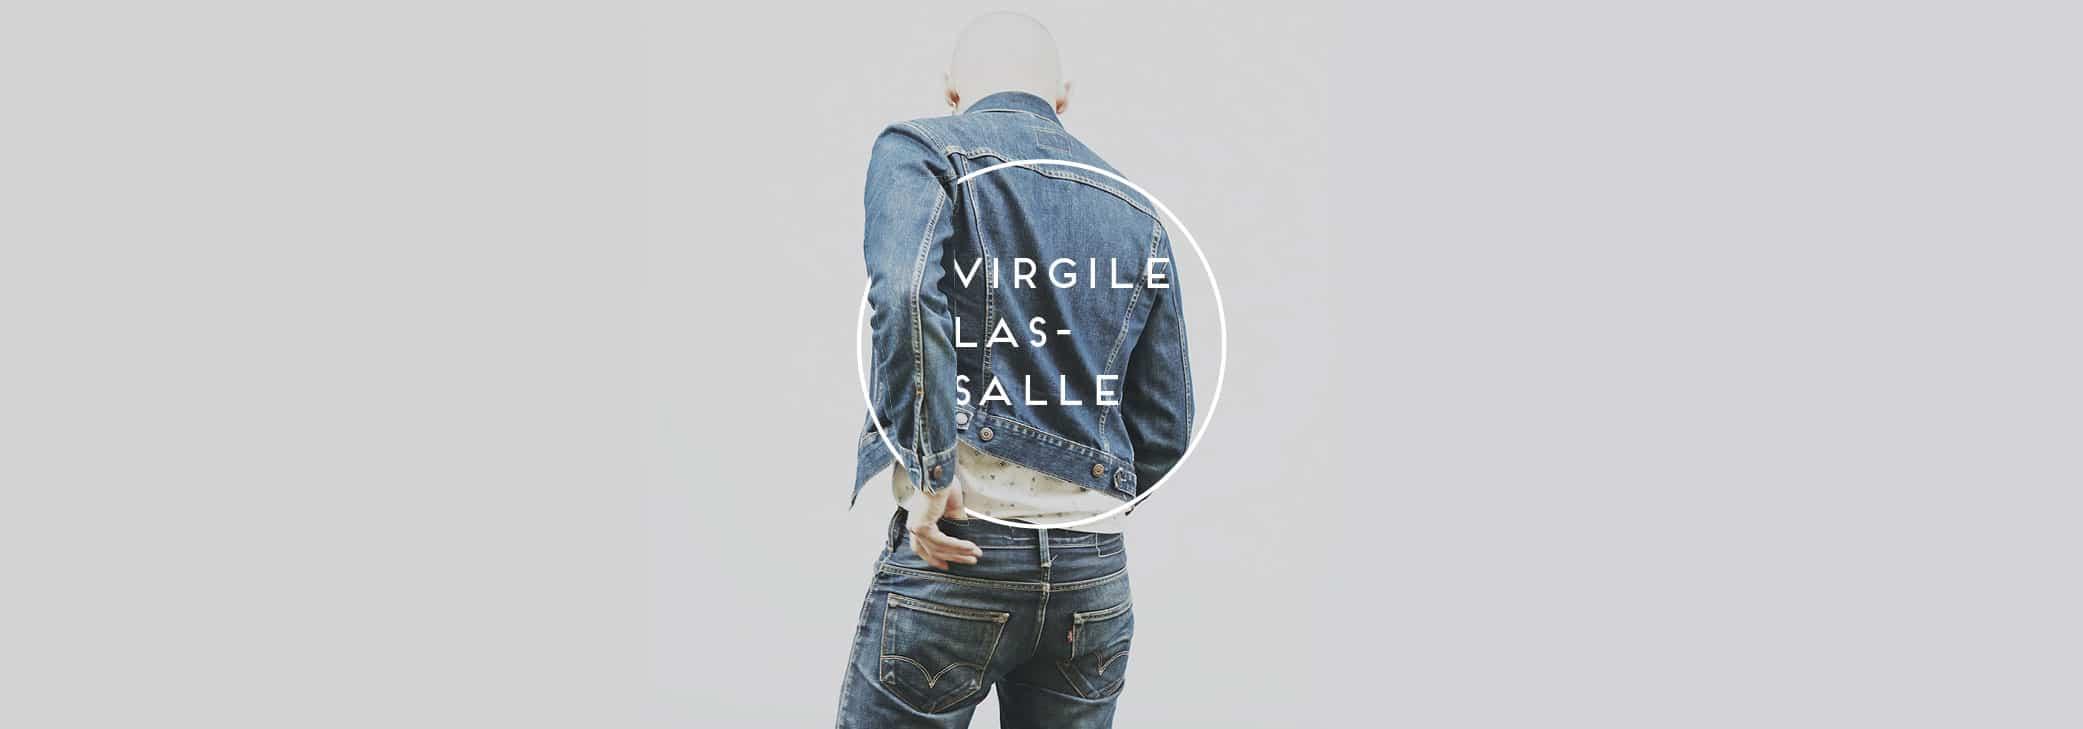 virgile lassalle - Virgile Lassalle